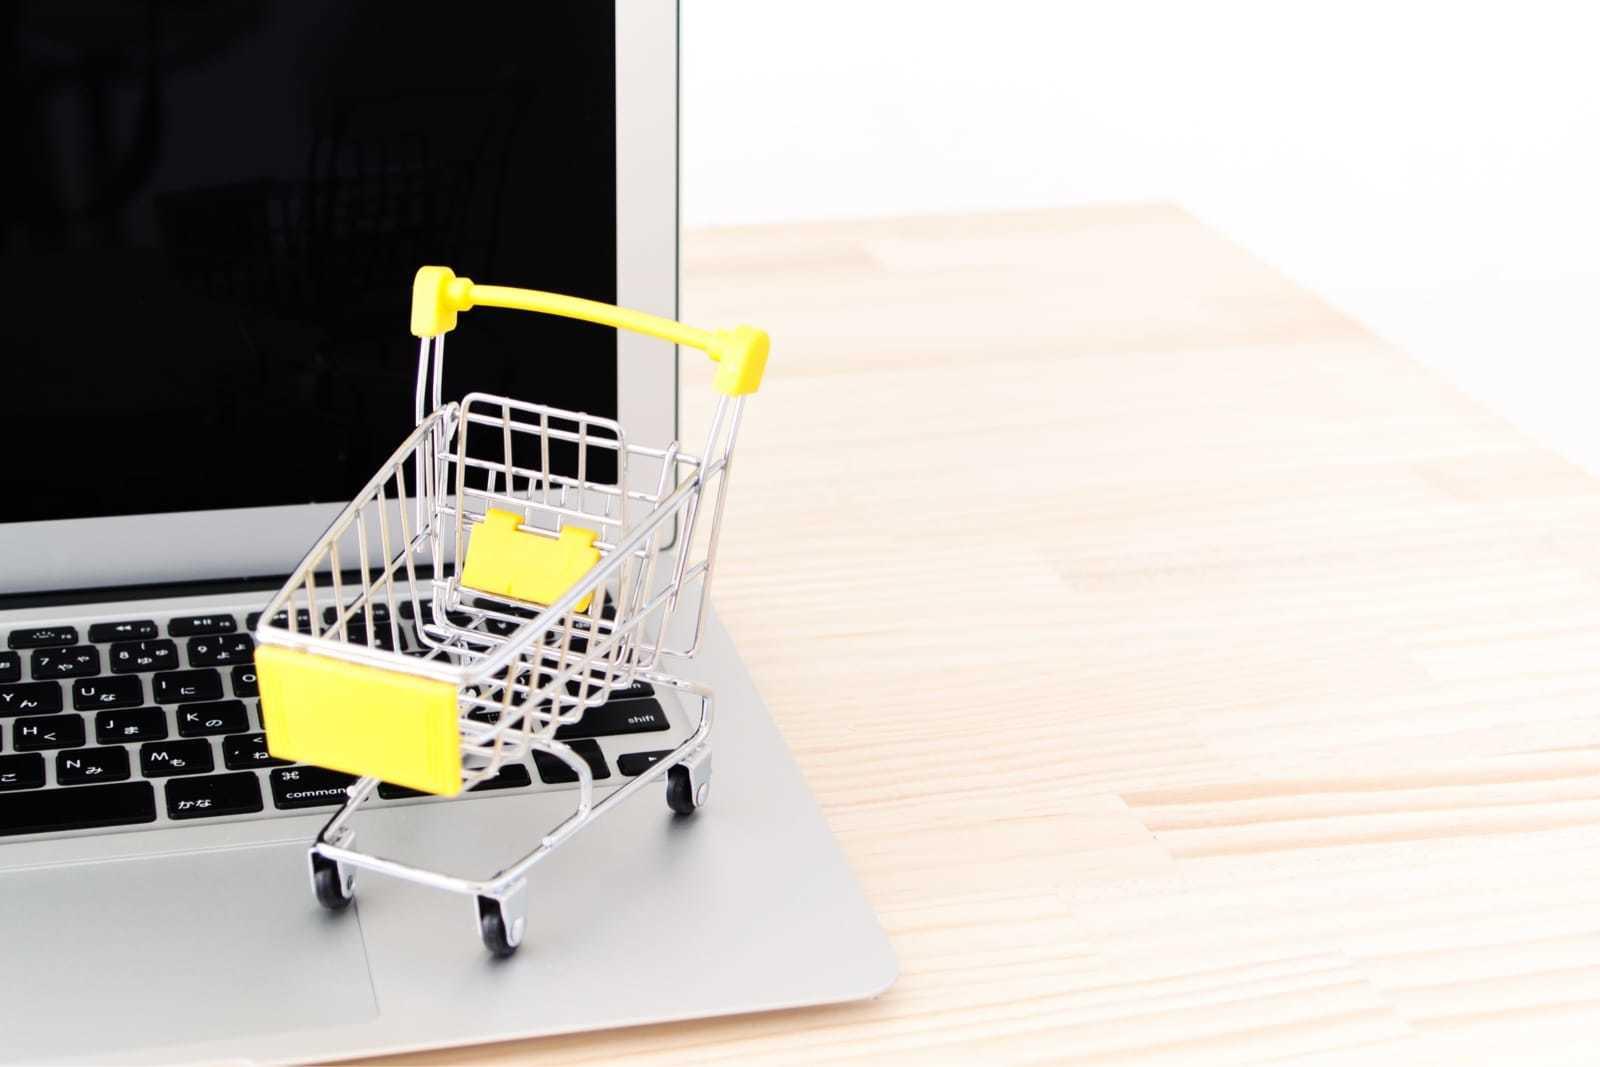 ノートパソコンに置かれた小さなショッピングカート